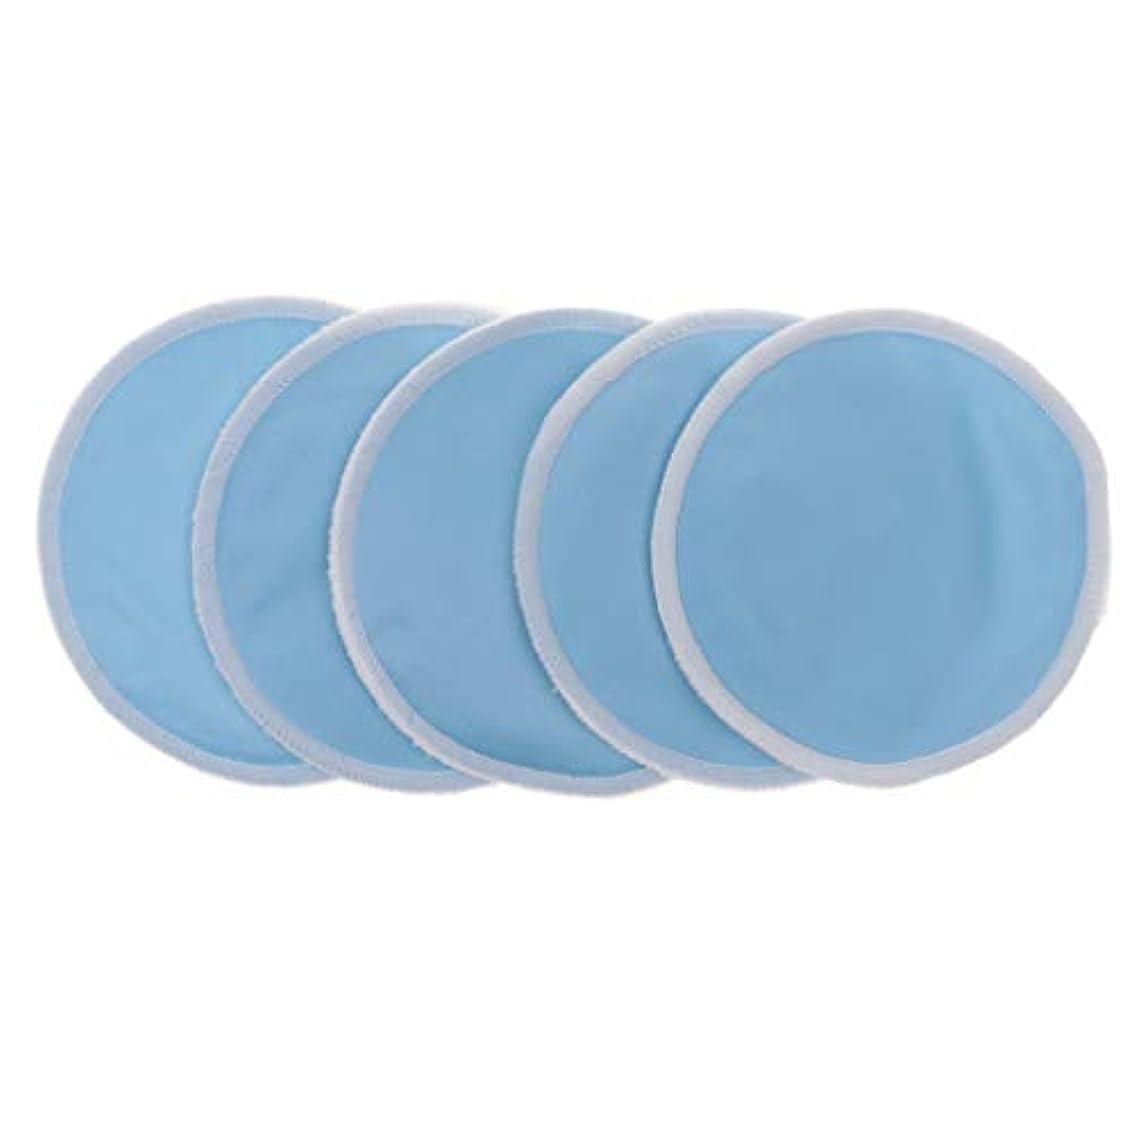 時々時々注入泣く全5色 胸パッド クレンジングシート メイクアップ 竹繊維 12cm 洗える 再使用可 実用的 5個入 - 青